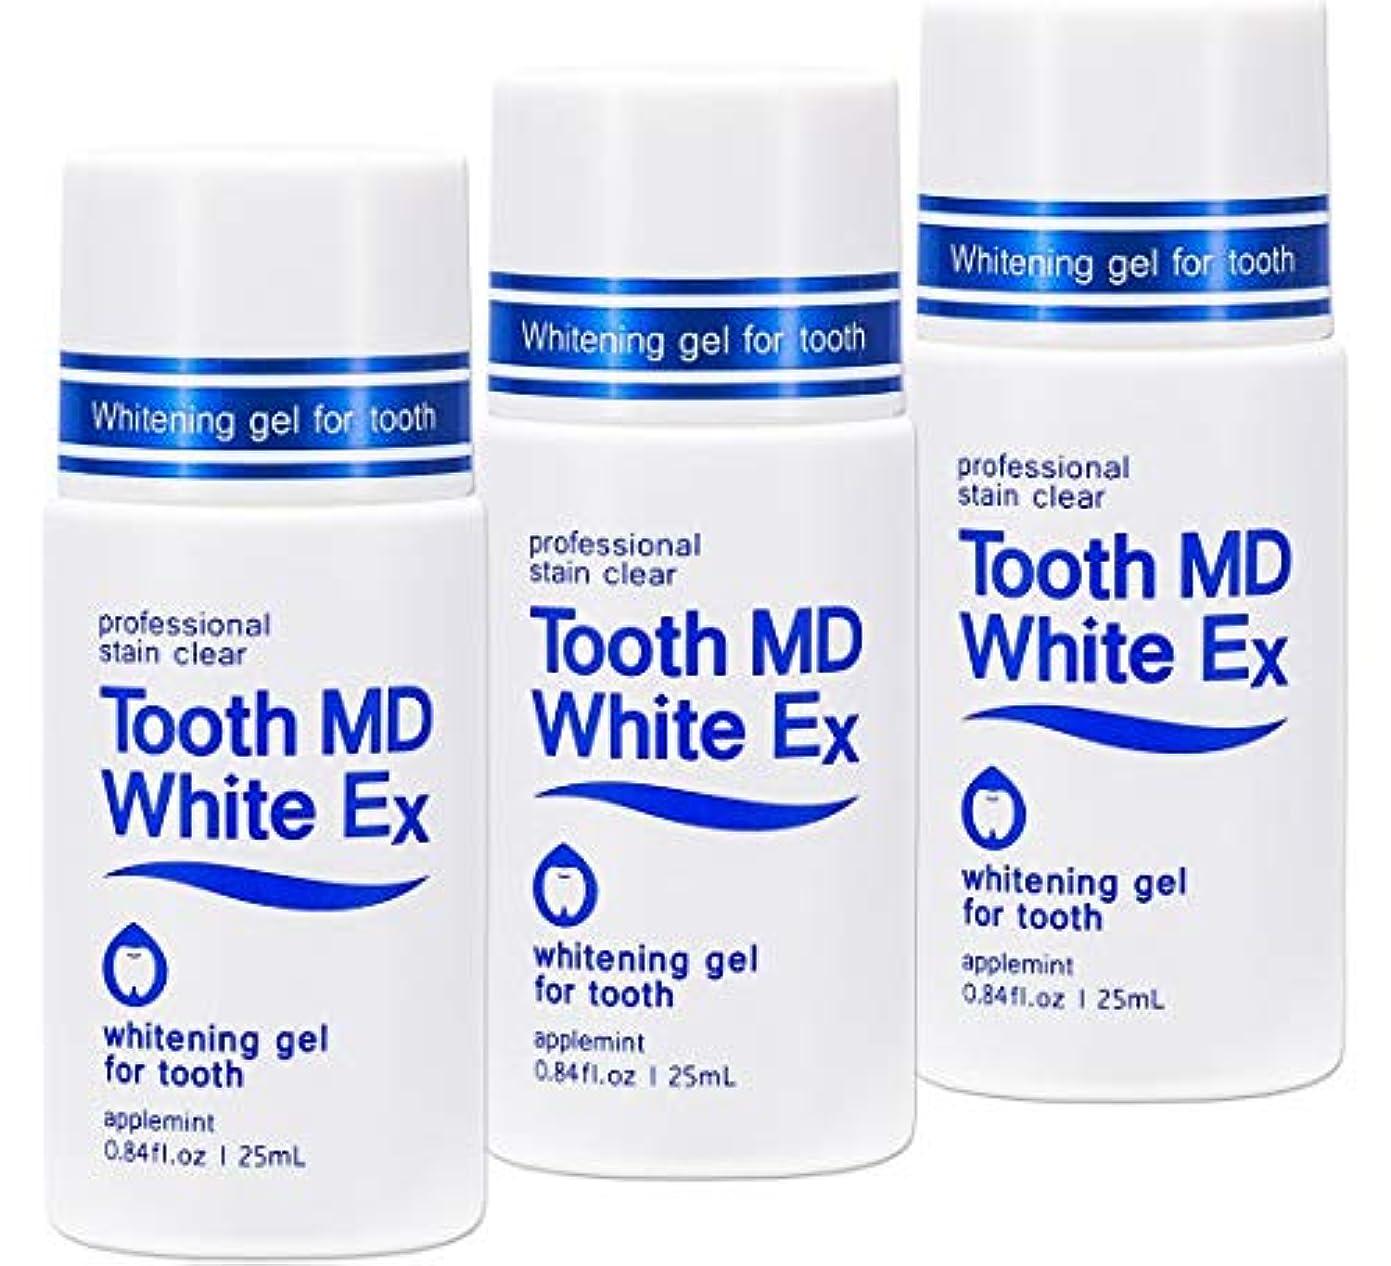 ローブ松ポジショントゥースMDホワイトEX 3個セット[歯のホワイトニング]